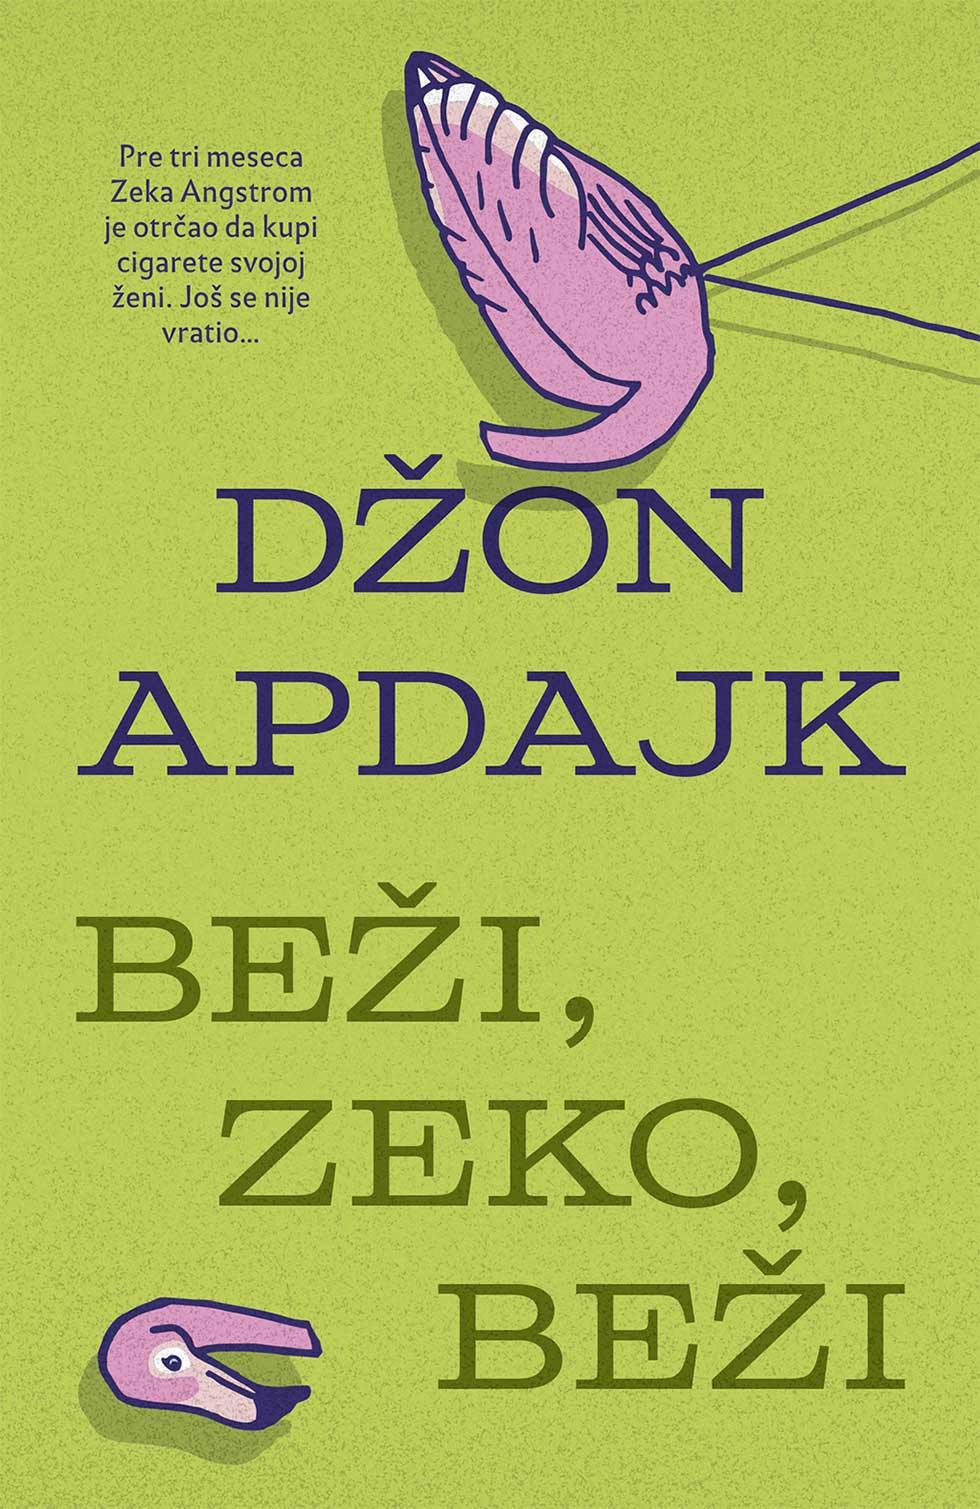 knjiga Beži Zeko beži